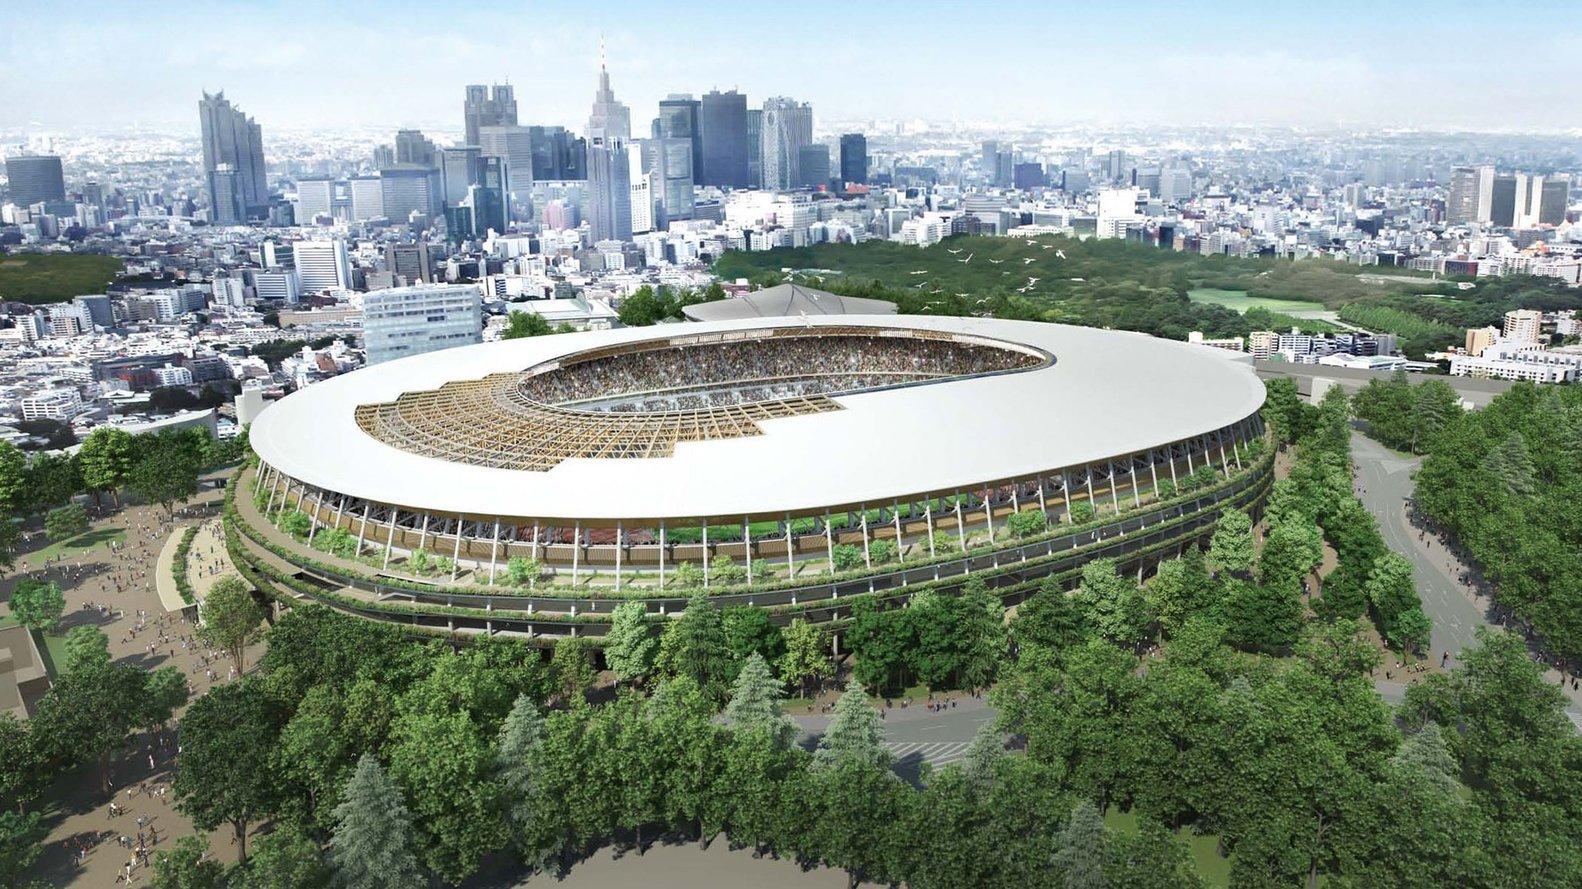 東京飯店25家推薦。商務HOTEL、青年旅館|2020年東京奧運 (2019.12.5更新)